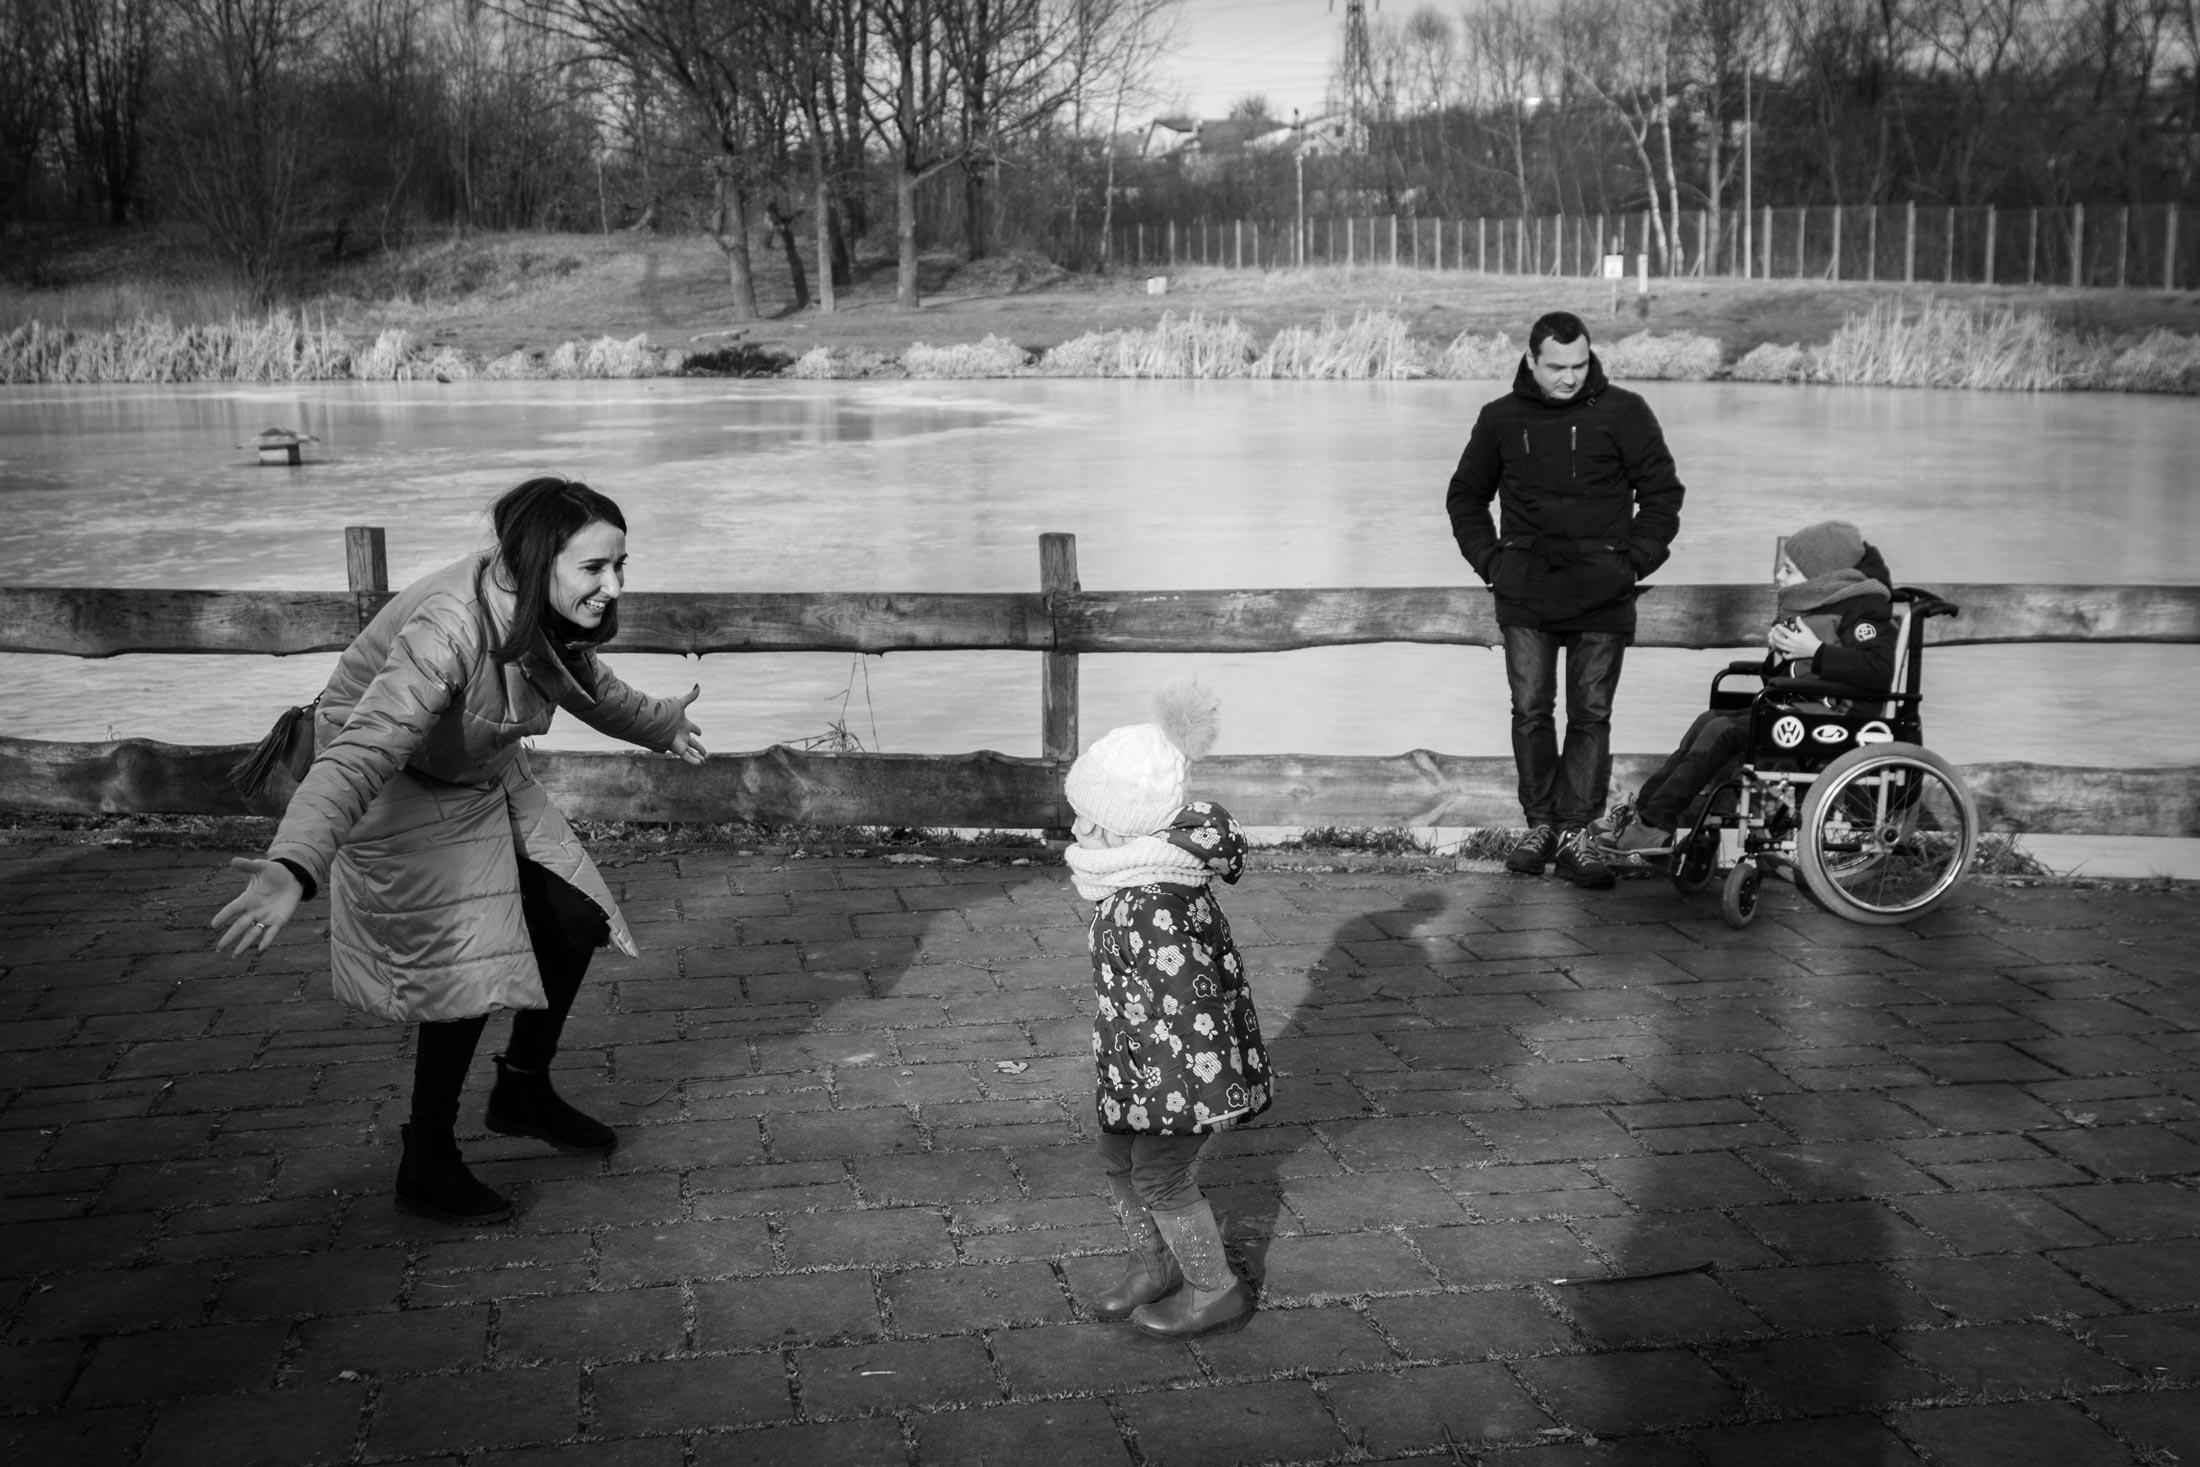 yaroslava nikanshin 08 - <b>Таке життя.</b> Як спілкуватися із батьками дітей з особливими потребами й не перетворювати розмову на щось особливе - Заборона